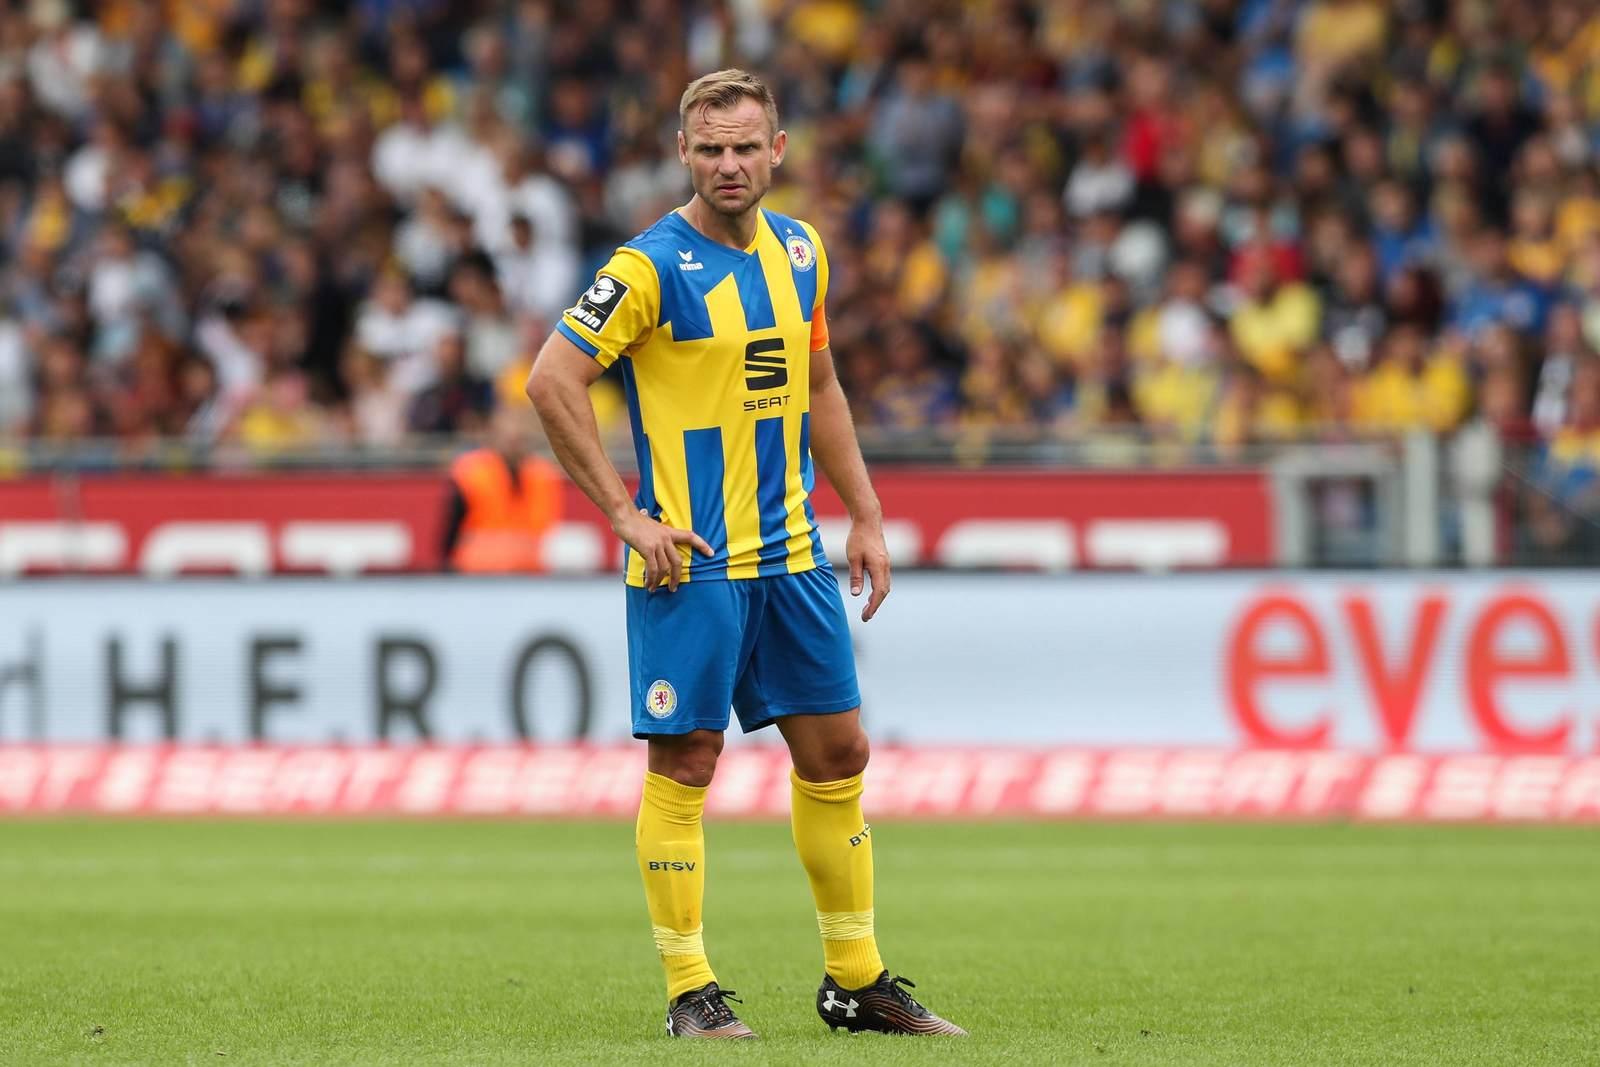 Bernd Nehrig von Eintracht Braunschweig